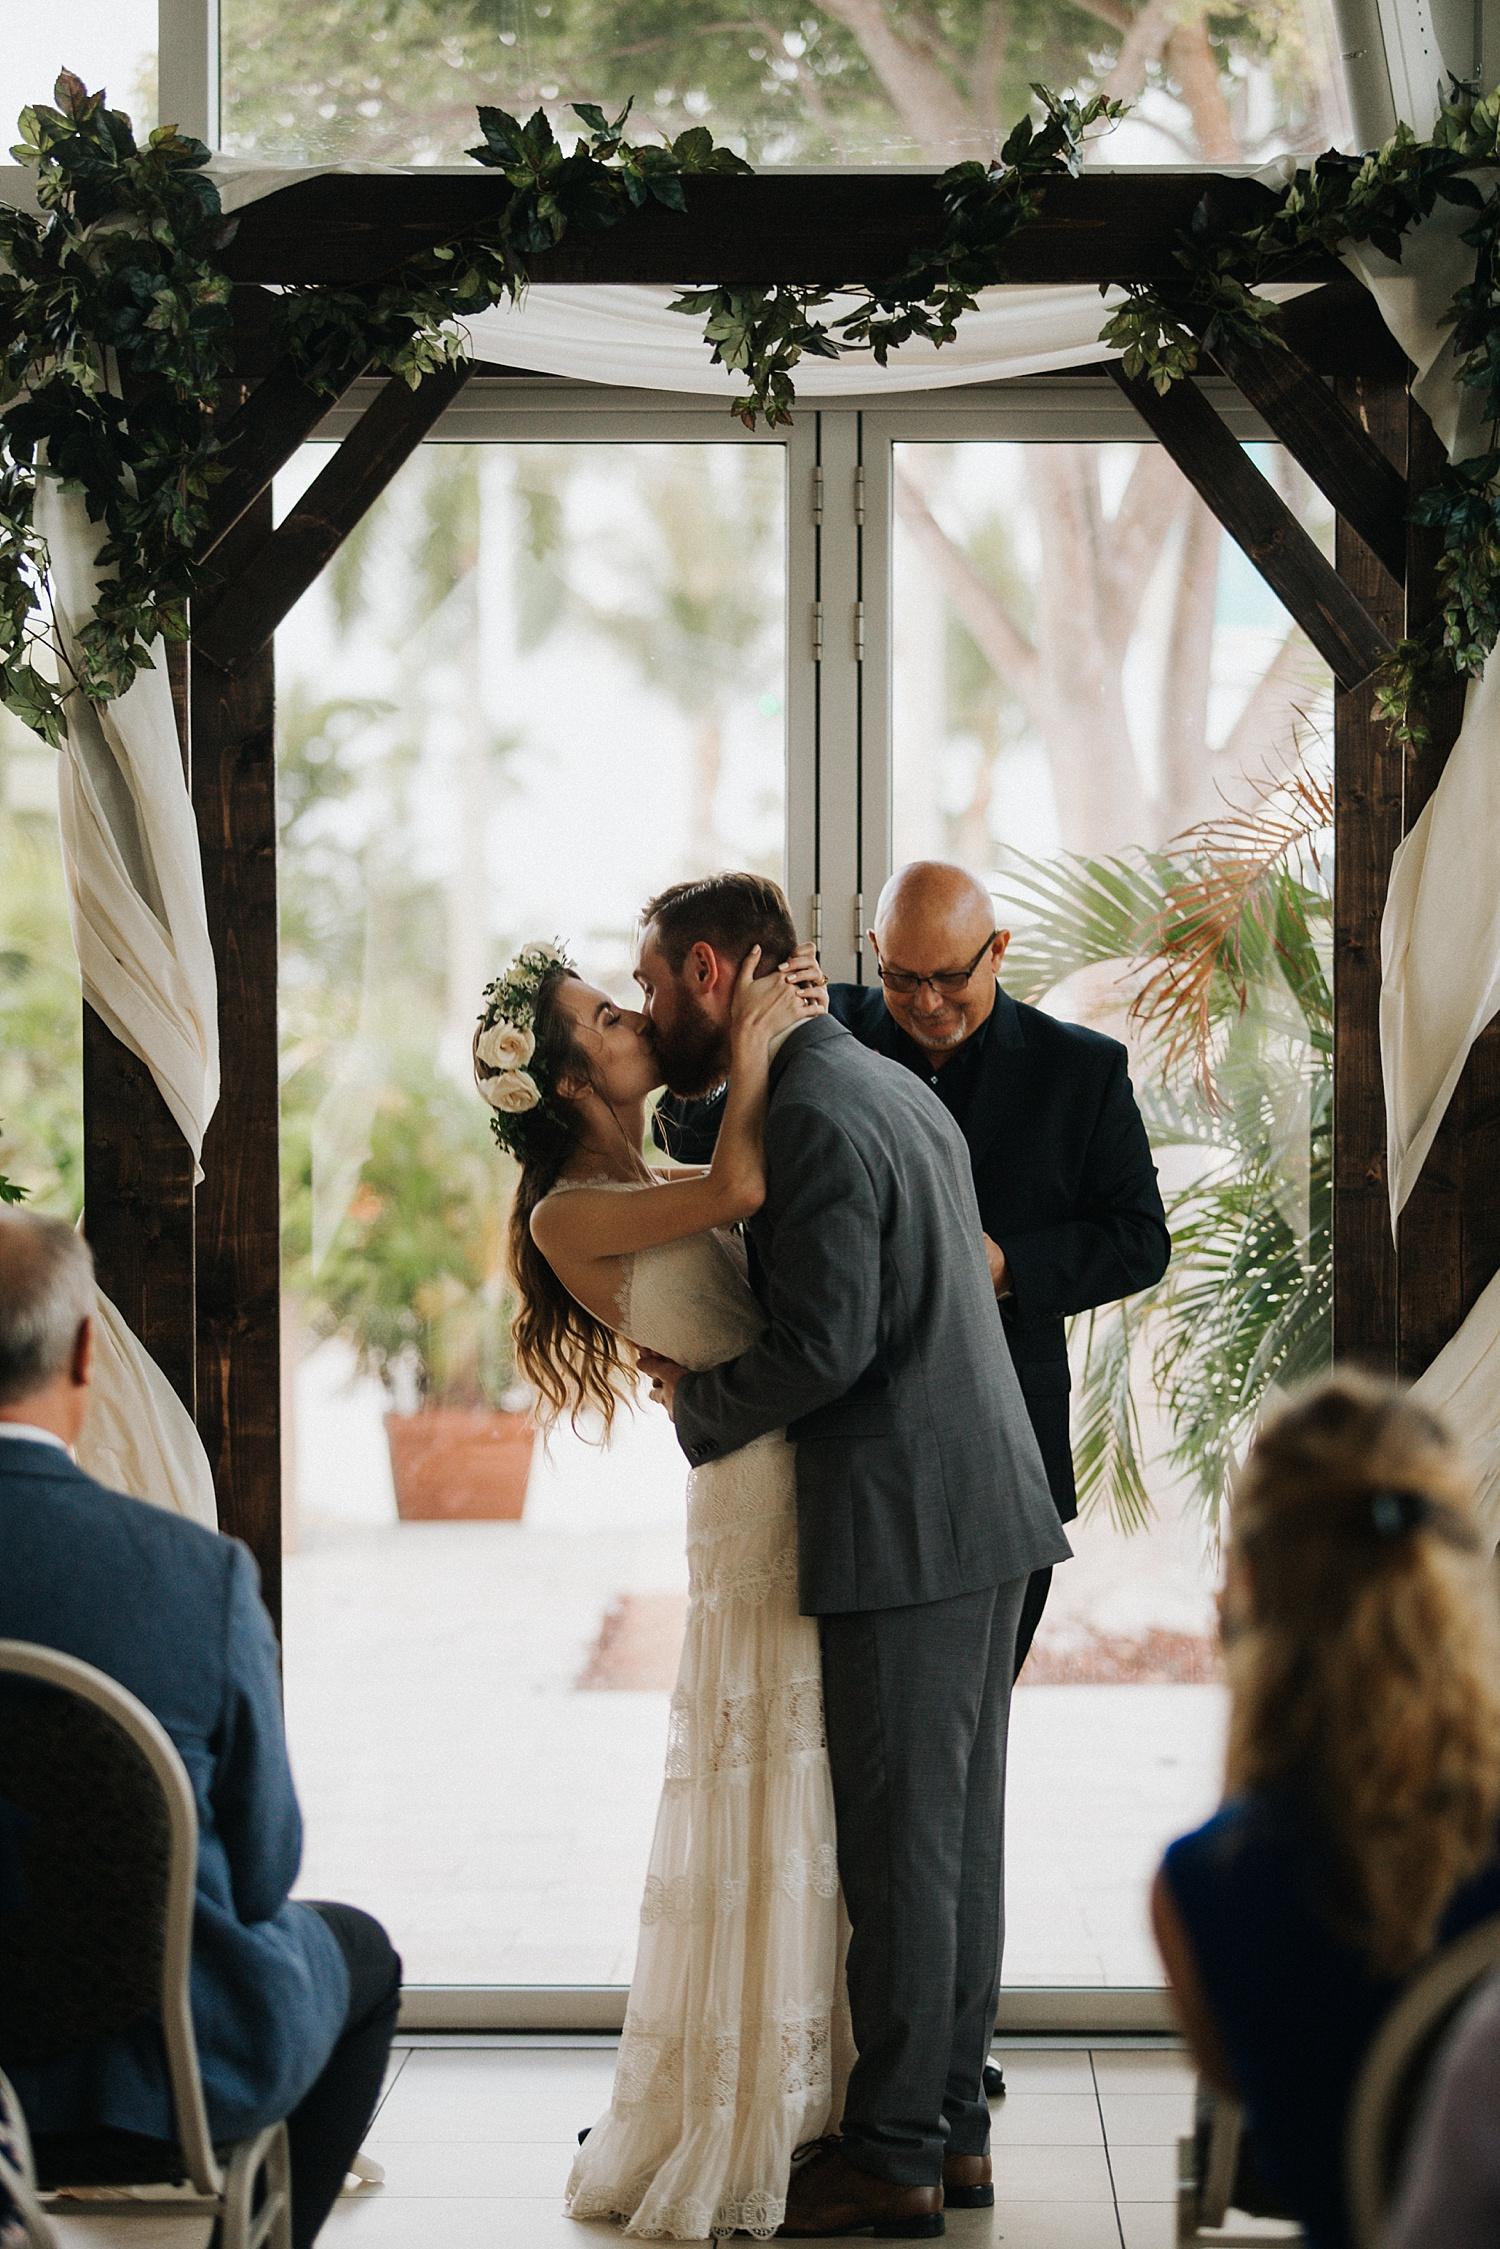 Peter + Kareena Rineer Downtown West Palm Beach December Wedding 2018_0044.jpg